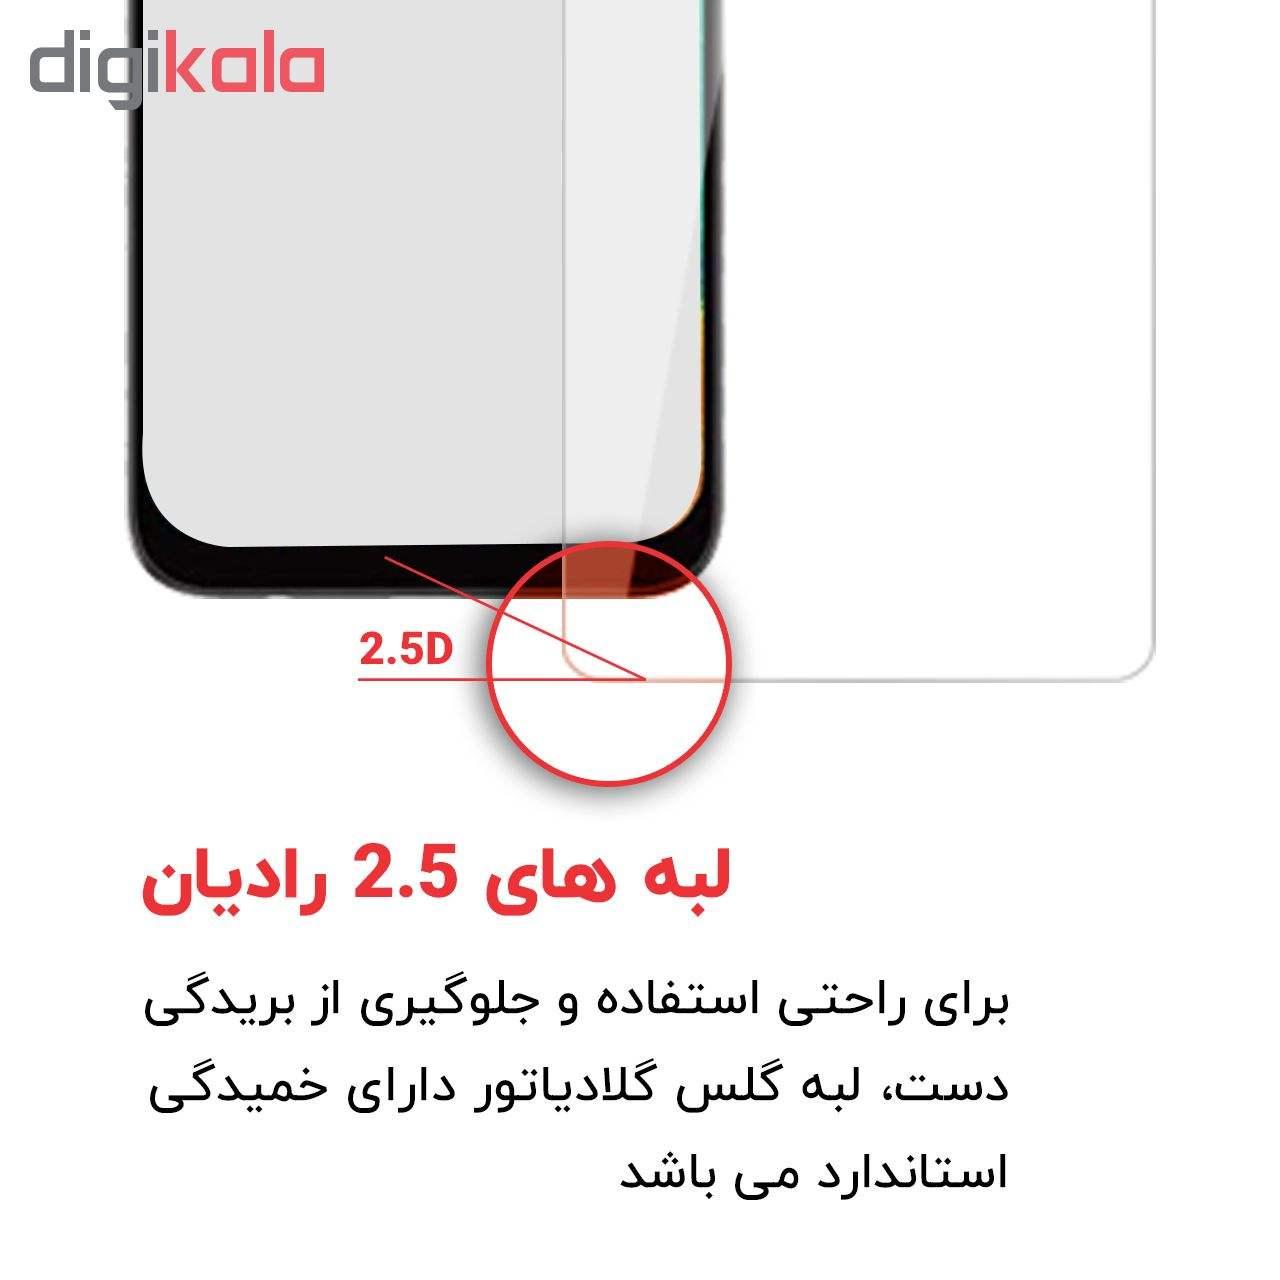 محافظ صفحه نمایش گلادیاتور مدل GPH1000 مناسب برای گوشی موبایل هوآوی Y9 2019 main 1 6